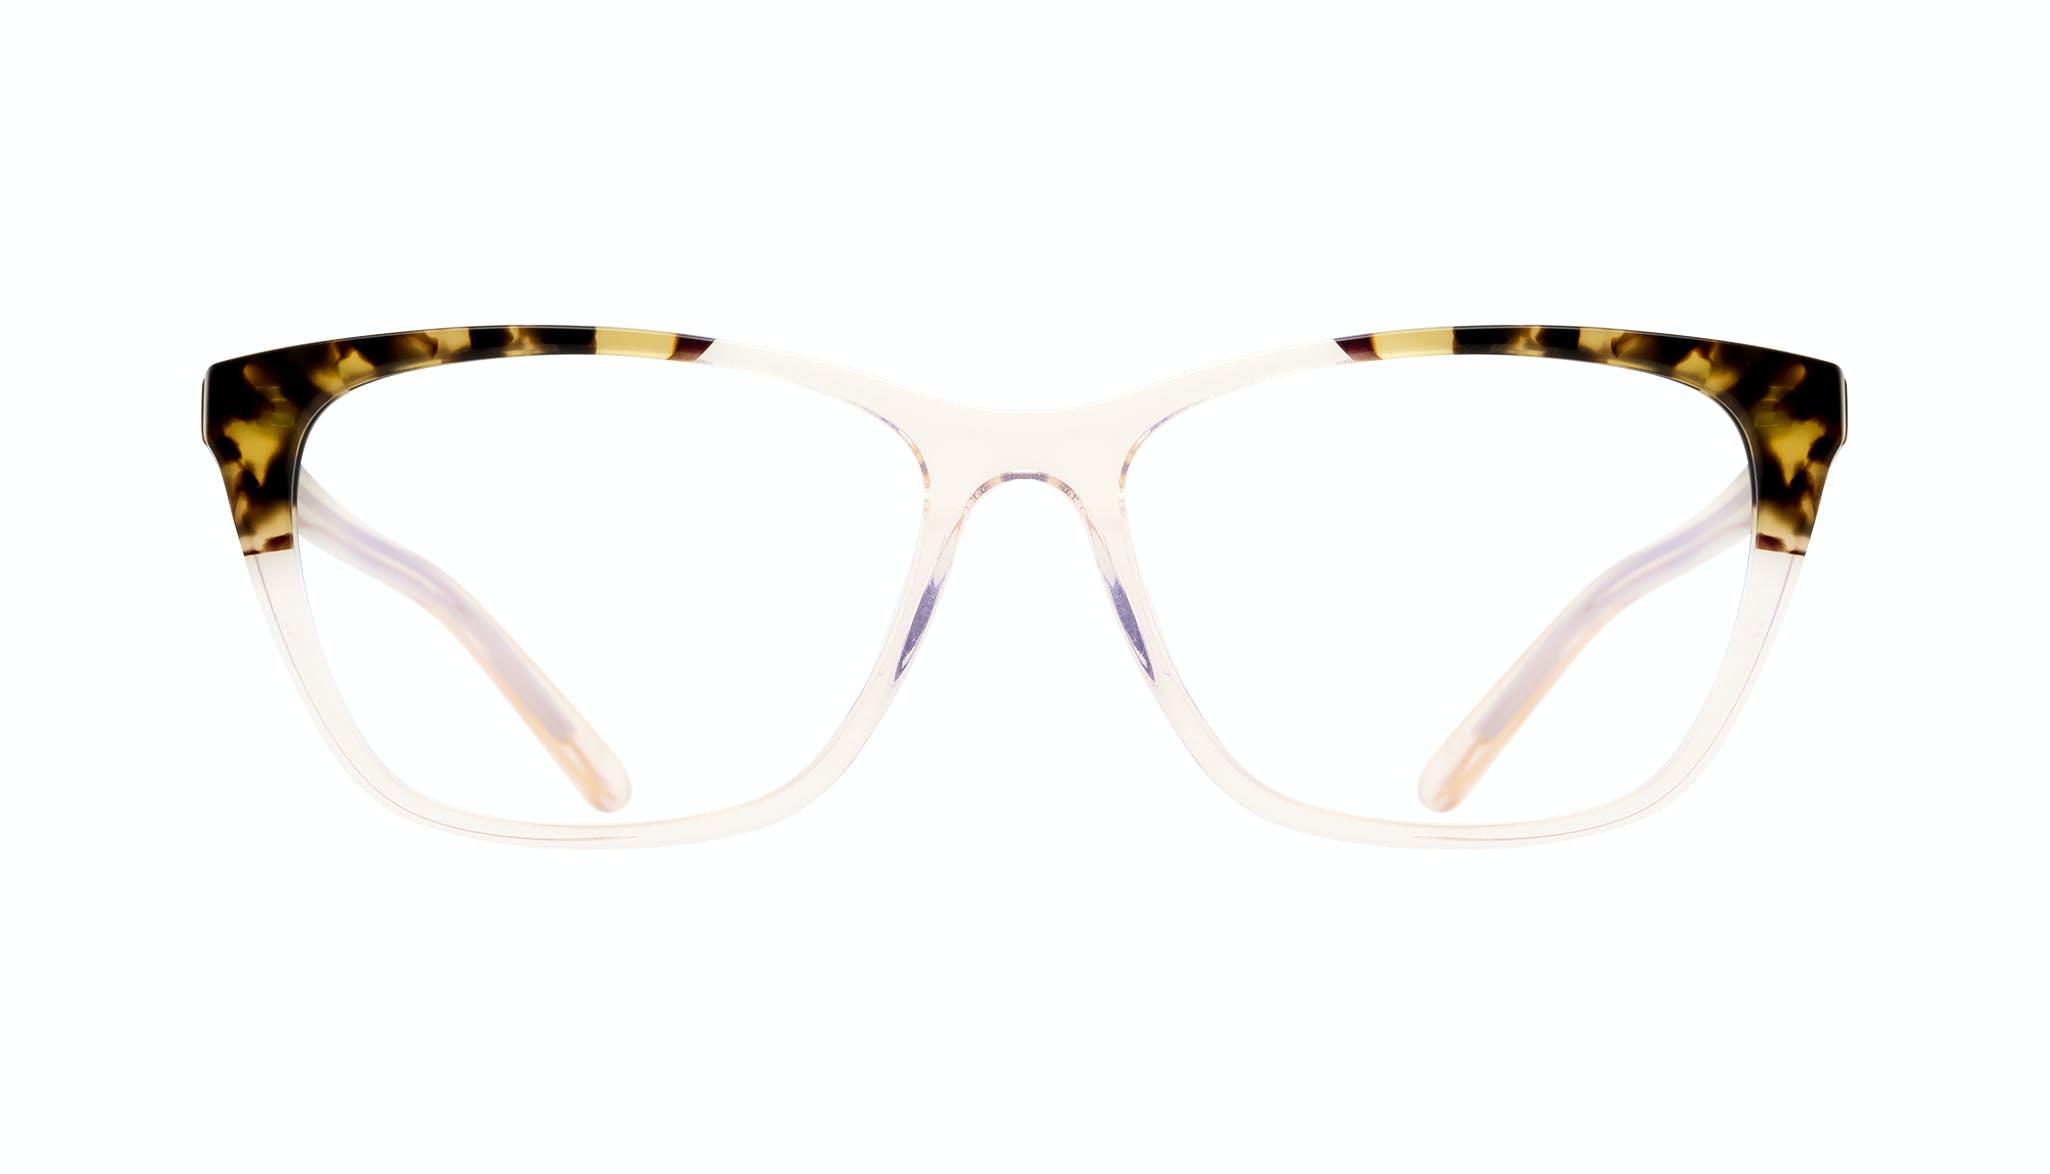 Lunettes tendance Oeil de chat Rectangle Lunettes de vue Femmes Myrtle Blond Tortoise